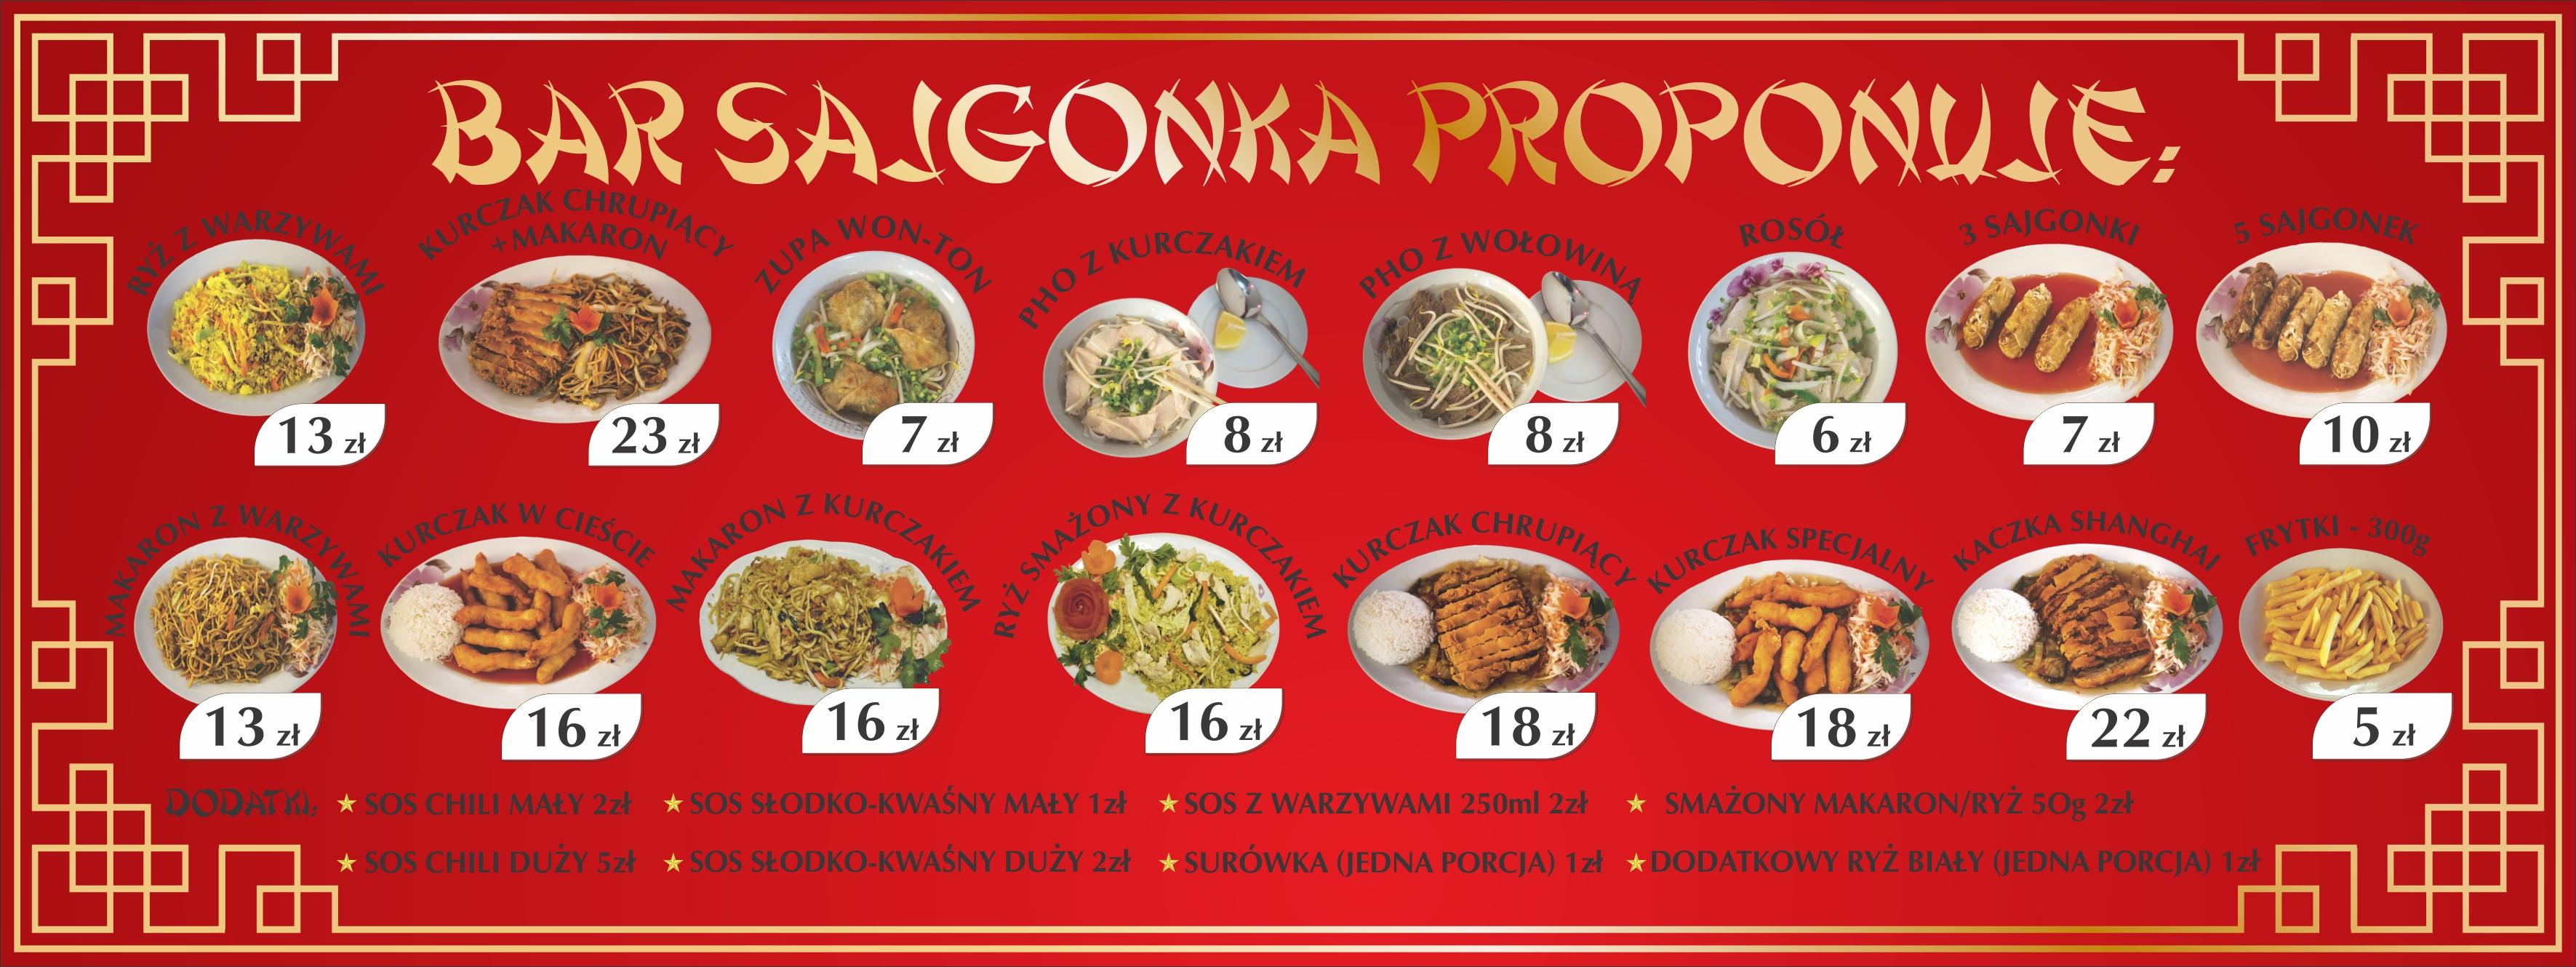 Menu 501 590 527 Bar Sajgonka Kuchnia Azjatycka